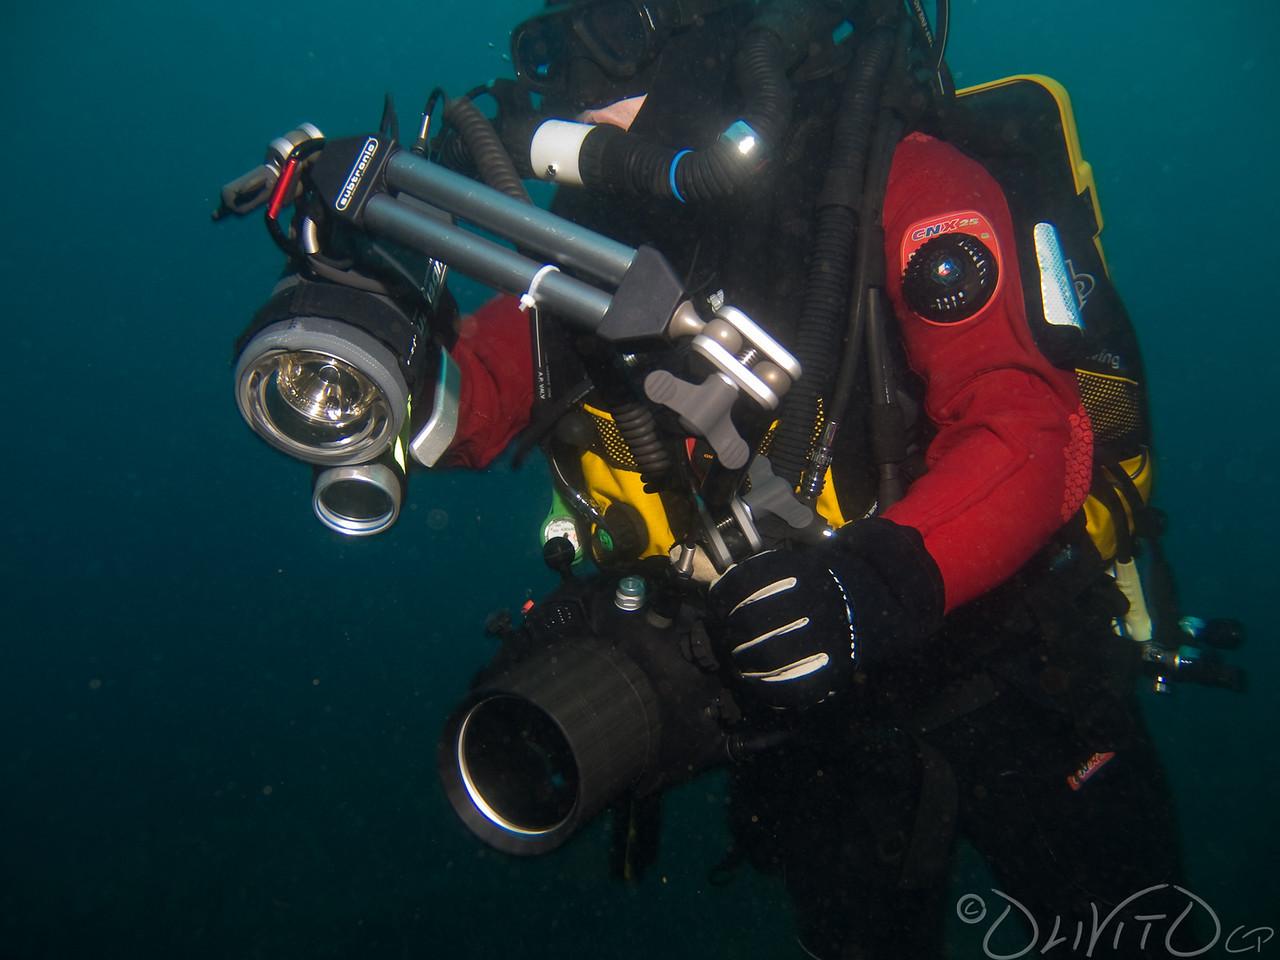 In Cap Estel with Canon 5D Equipment